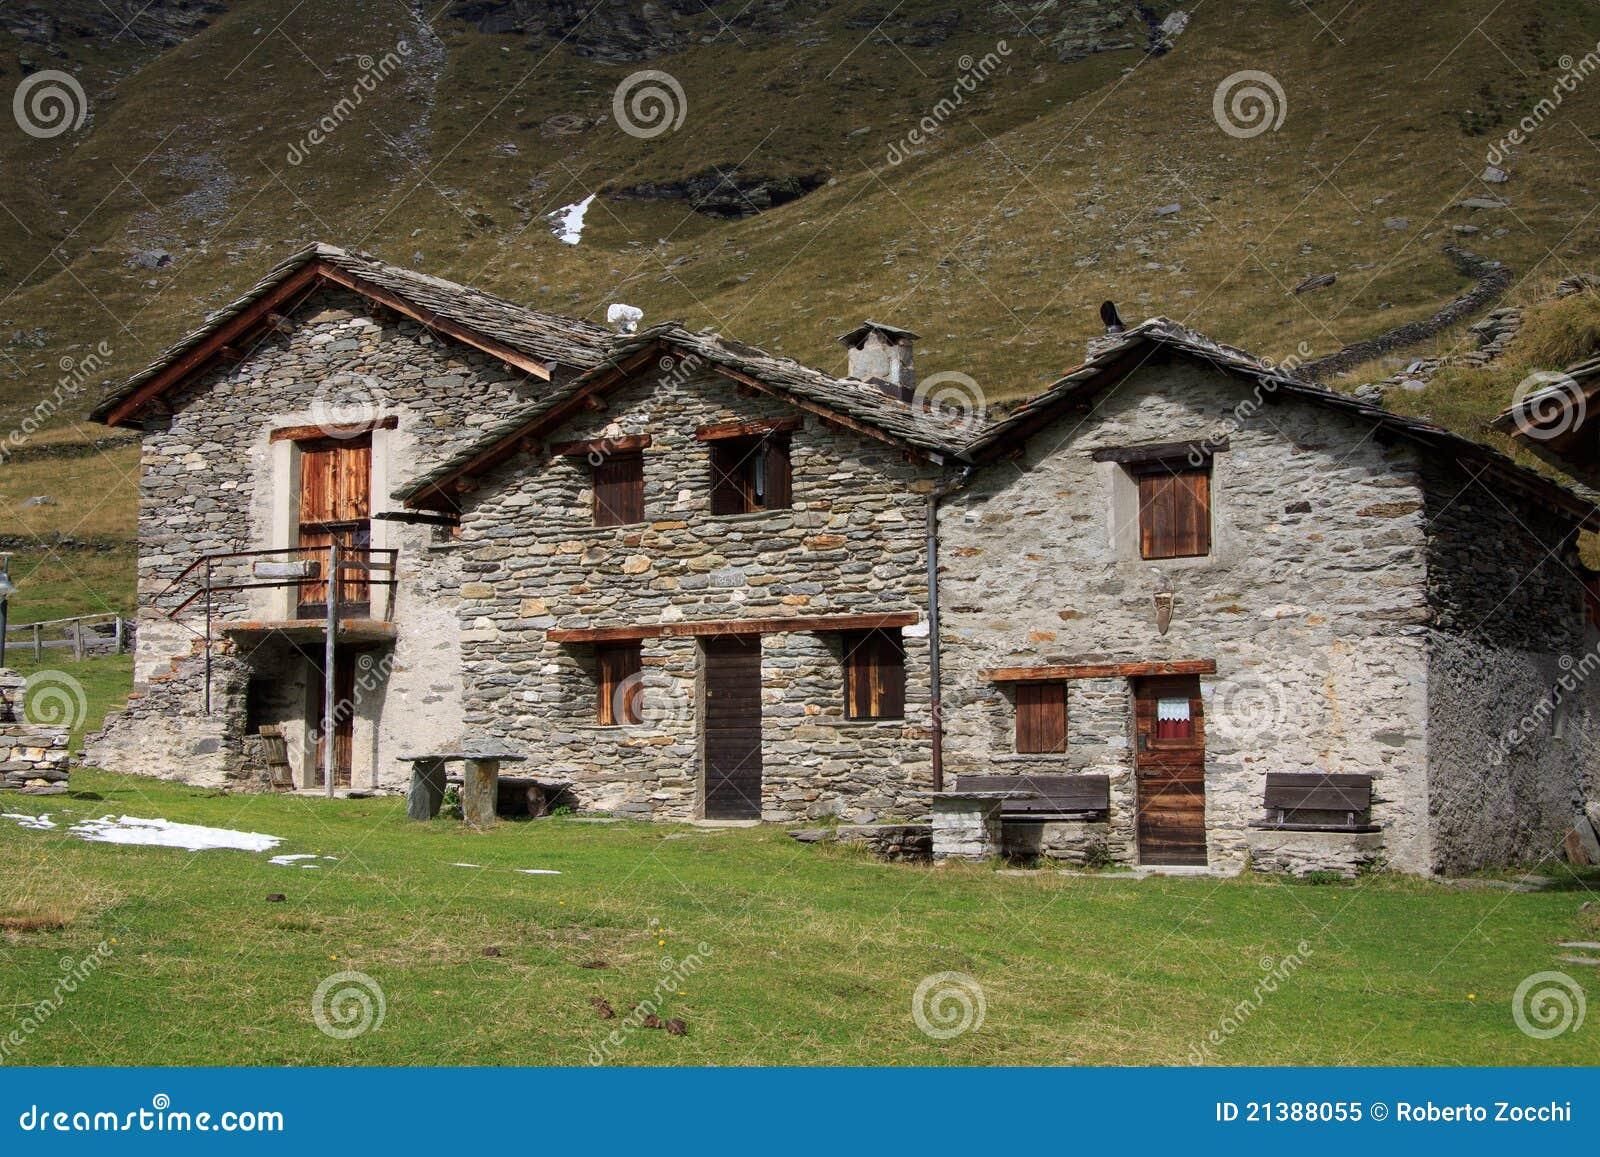 Case In Pietra Di Montagna : Vecchie case di pietra immagine stock immagine di montagne